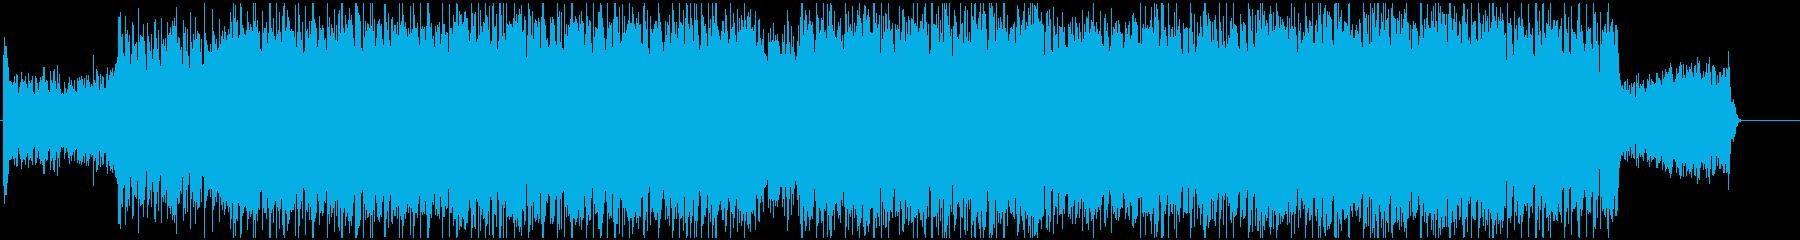 スピード感あってダイナミックな音楽の再生済みの波形